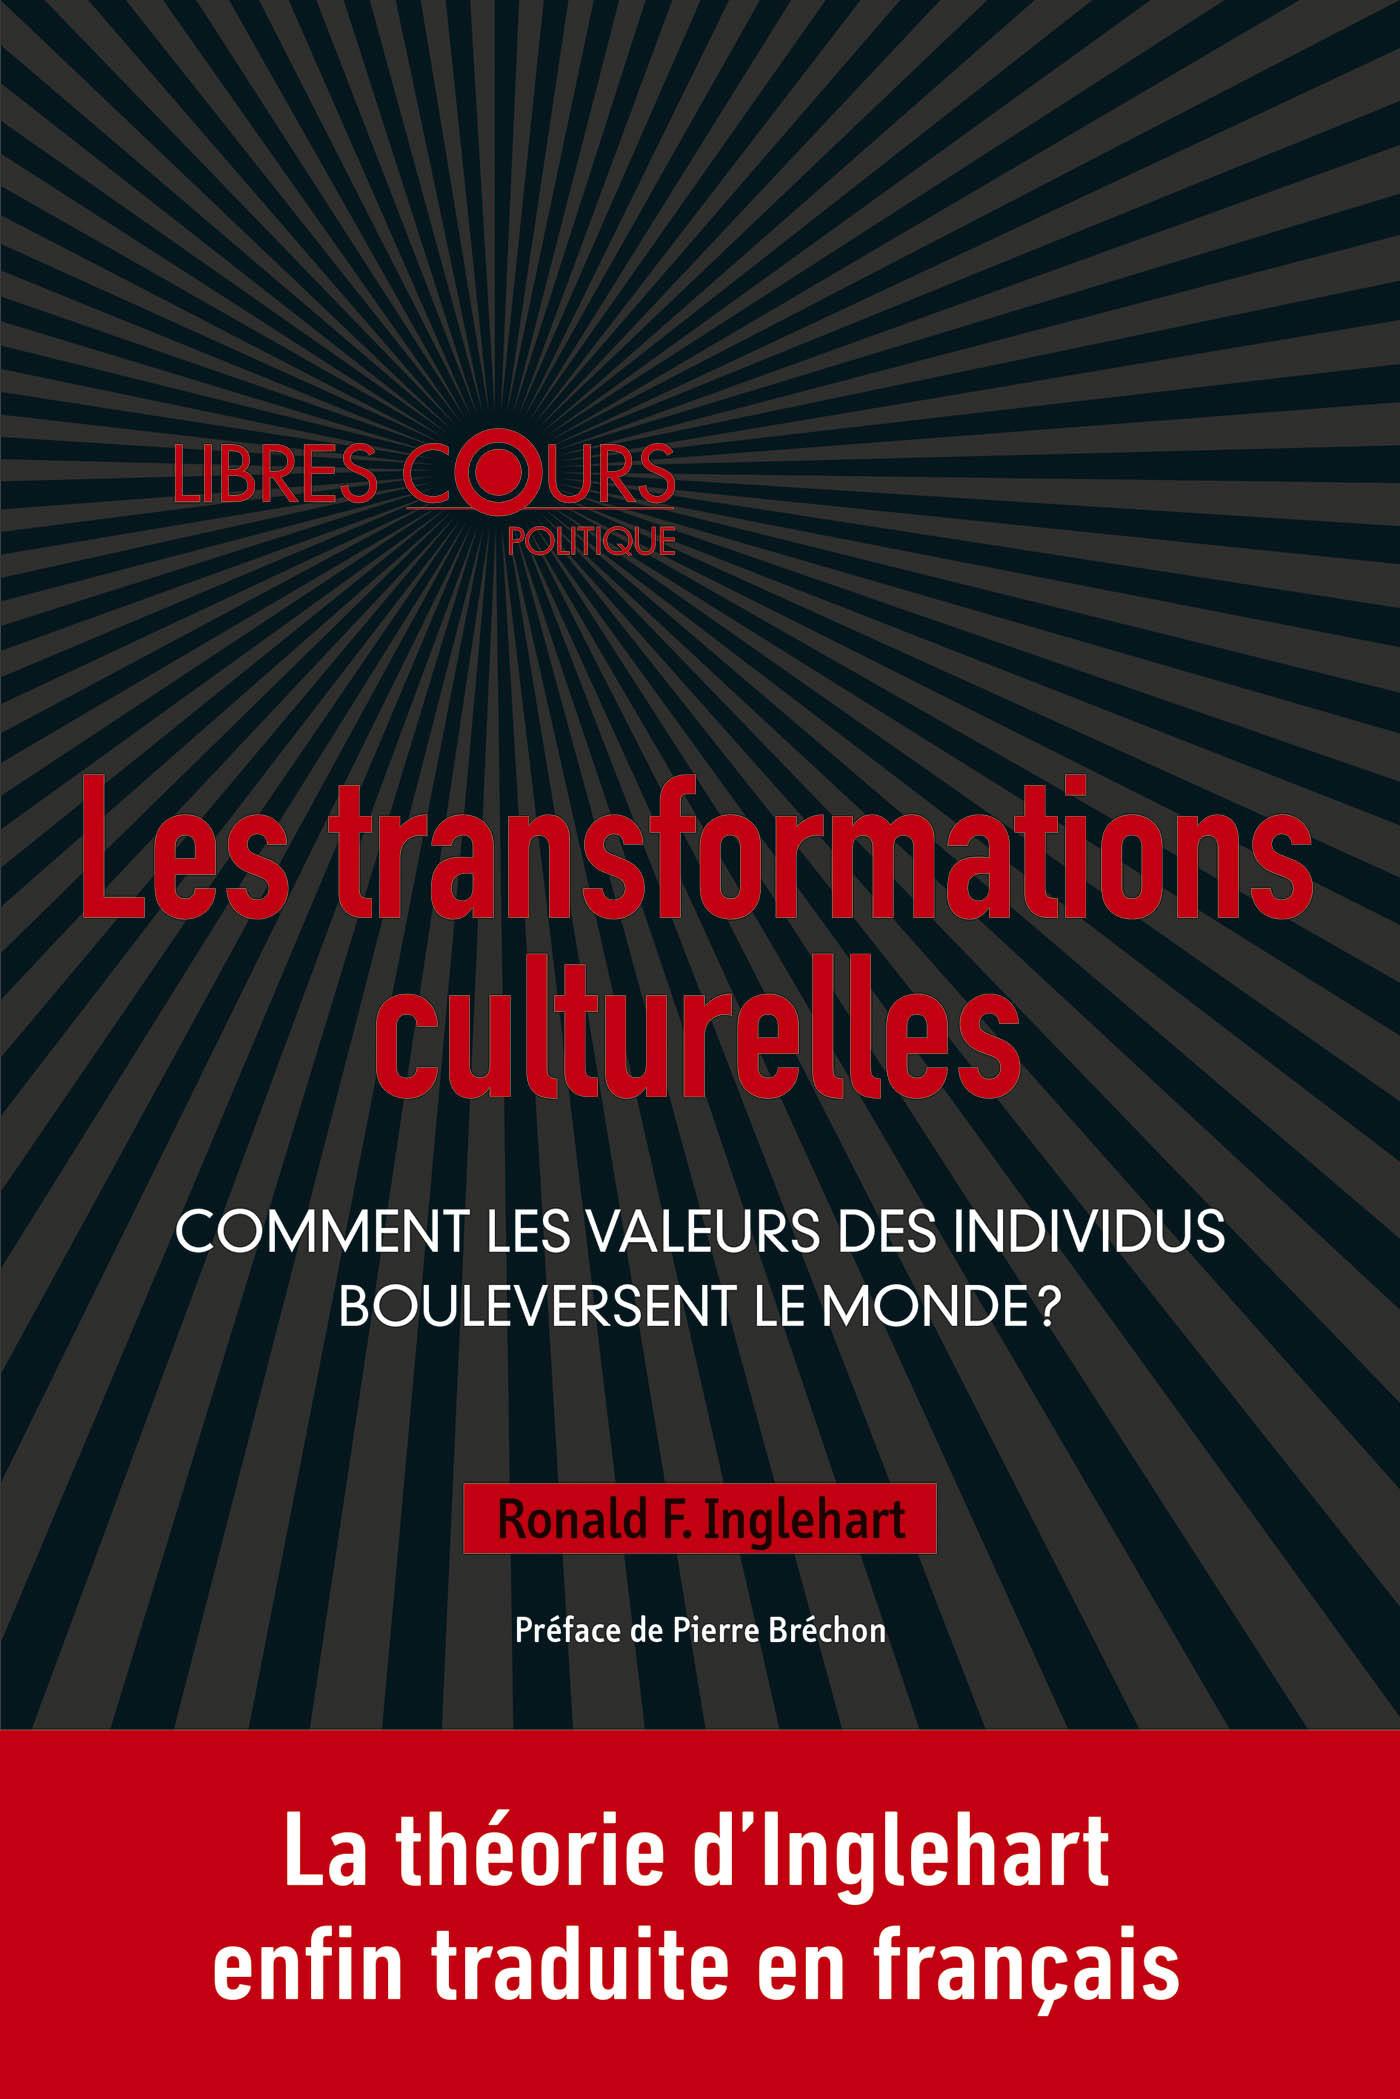 TRANSFORMATIONS CULTURELLES (LES) - COMMENT LES VALEURS DES INDIVIDUS BOULEVERSE LE MONDE ?